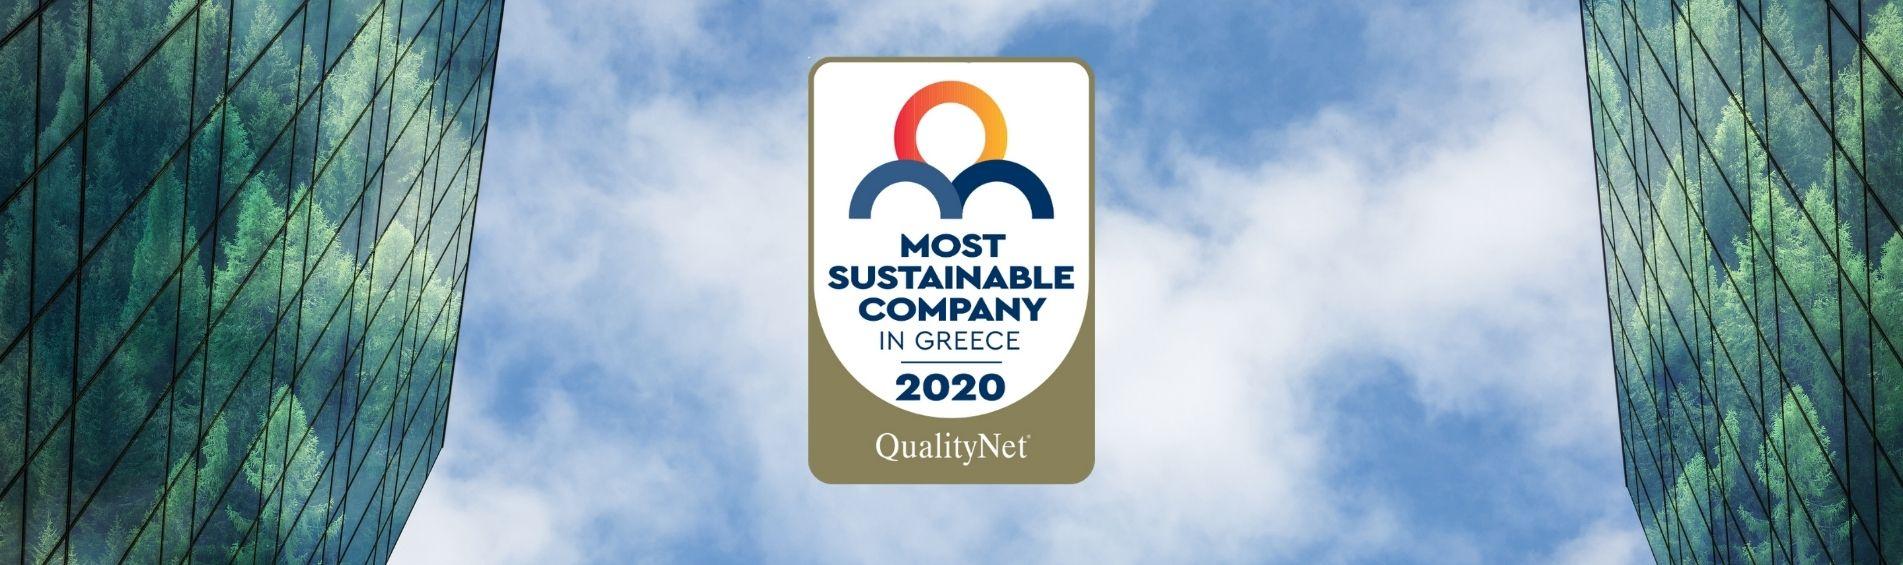 Most sustainable company award alumil